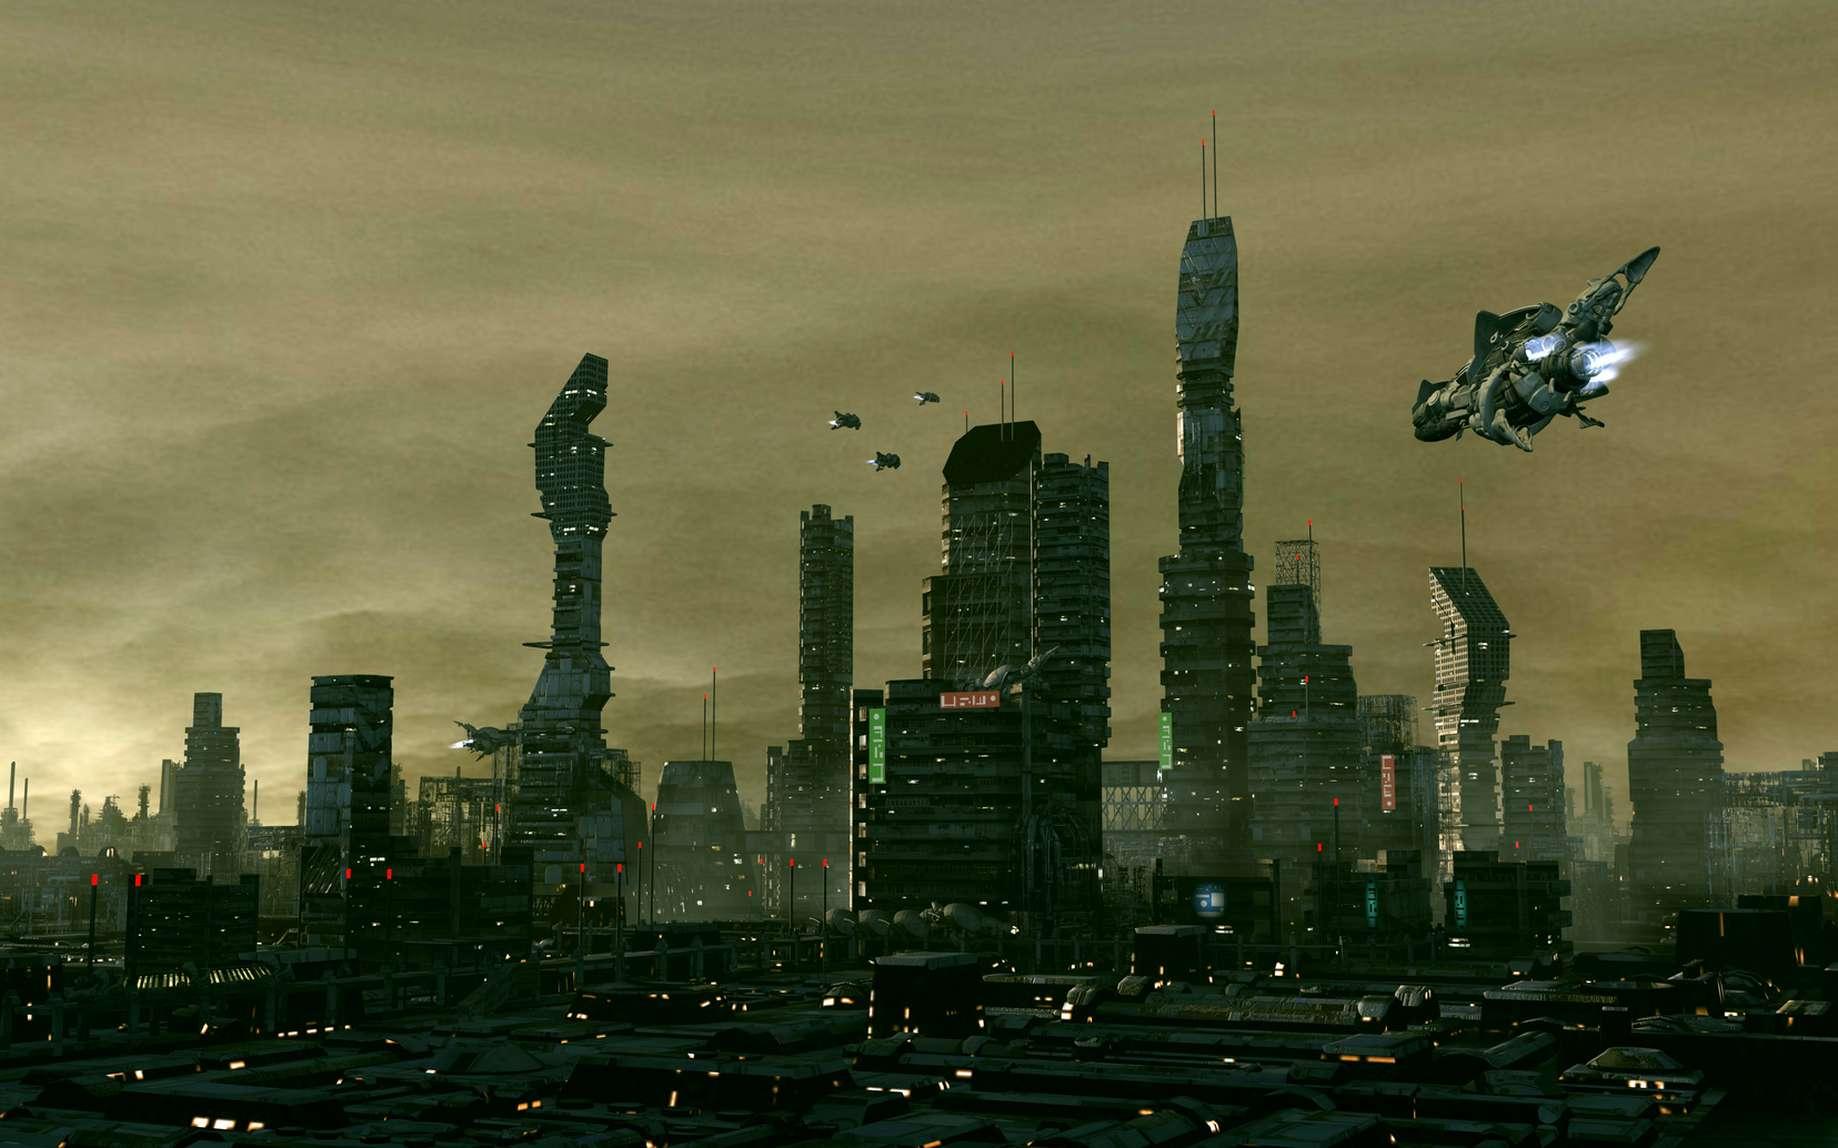 Le San Francisco futuriste est peu décrit dans le roman. Ridley Scott développera l'univers visuel dans le film Blade Runner. © Alexandre, Fotolia